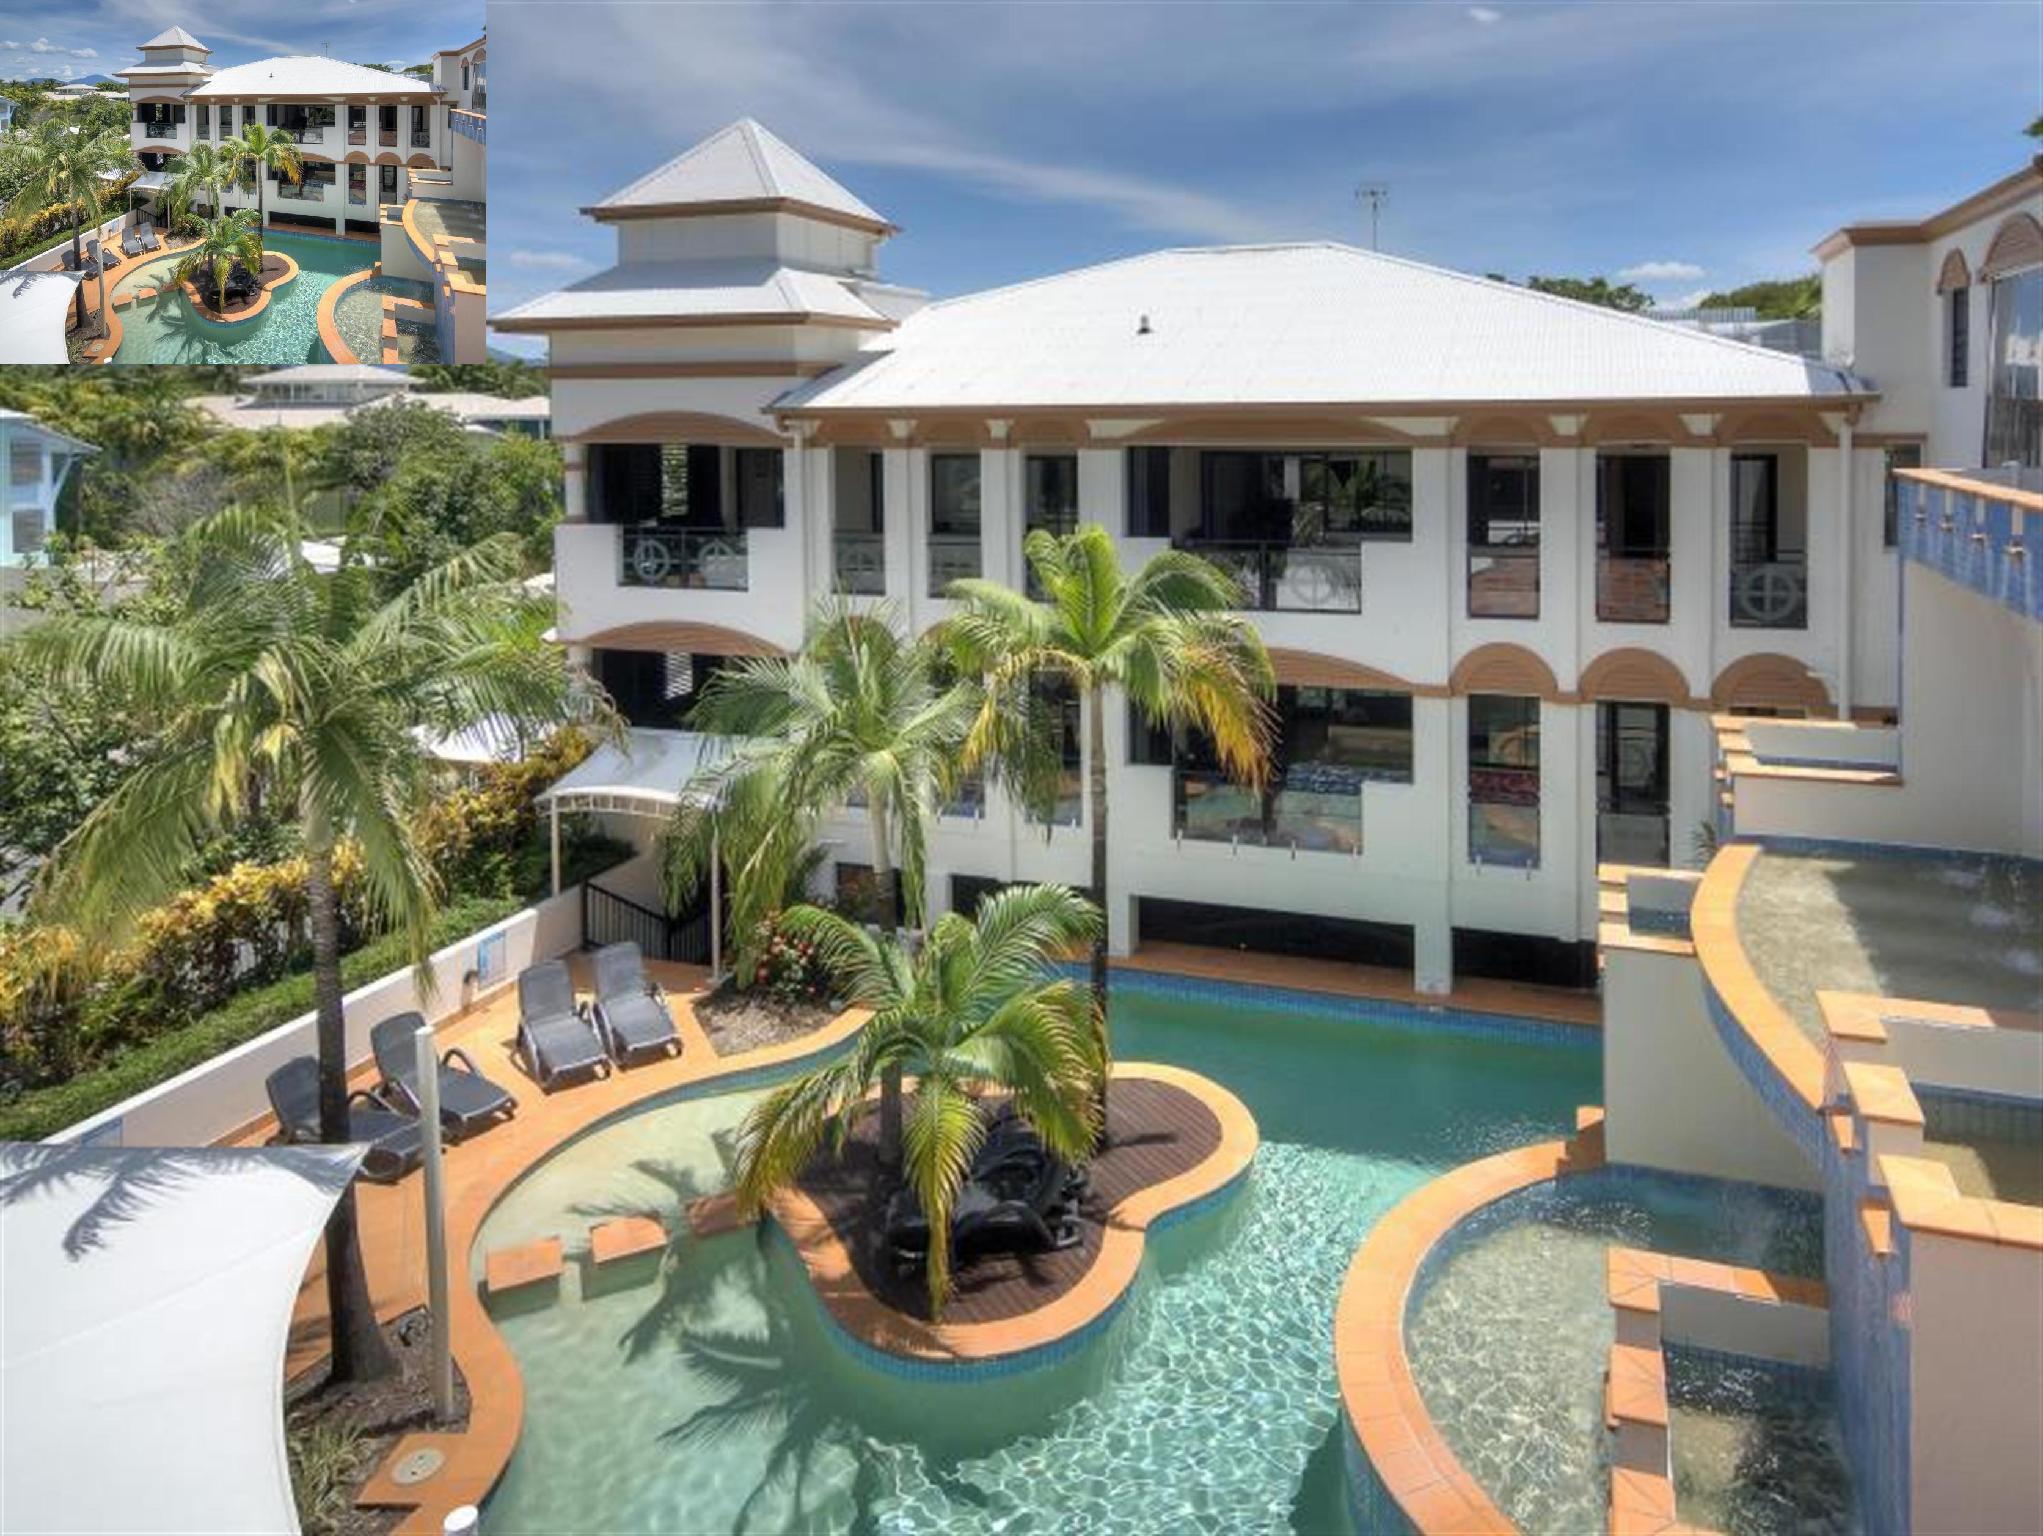 Regal Port Douglas - Holiday Apartments - Hotell och Boende i Australien , Port Douglas